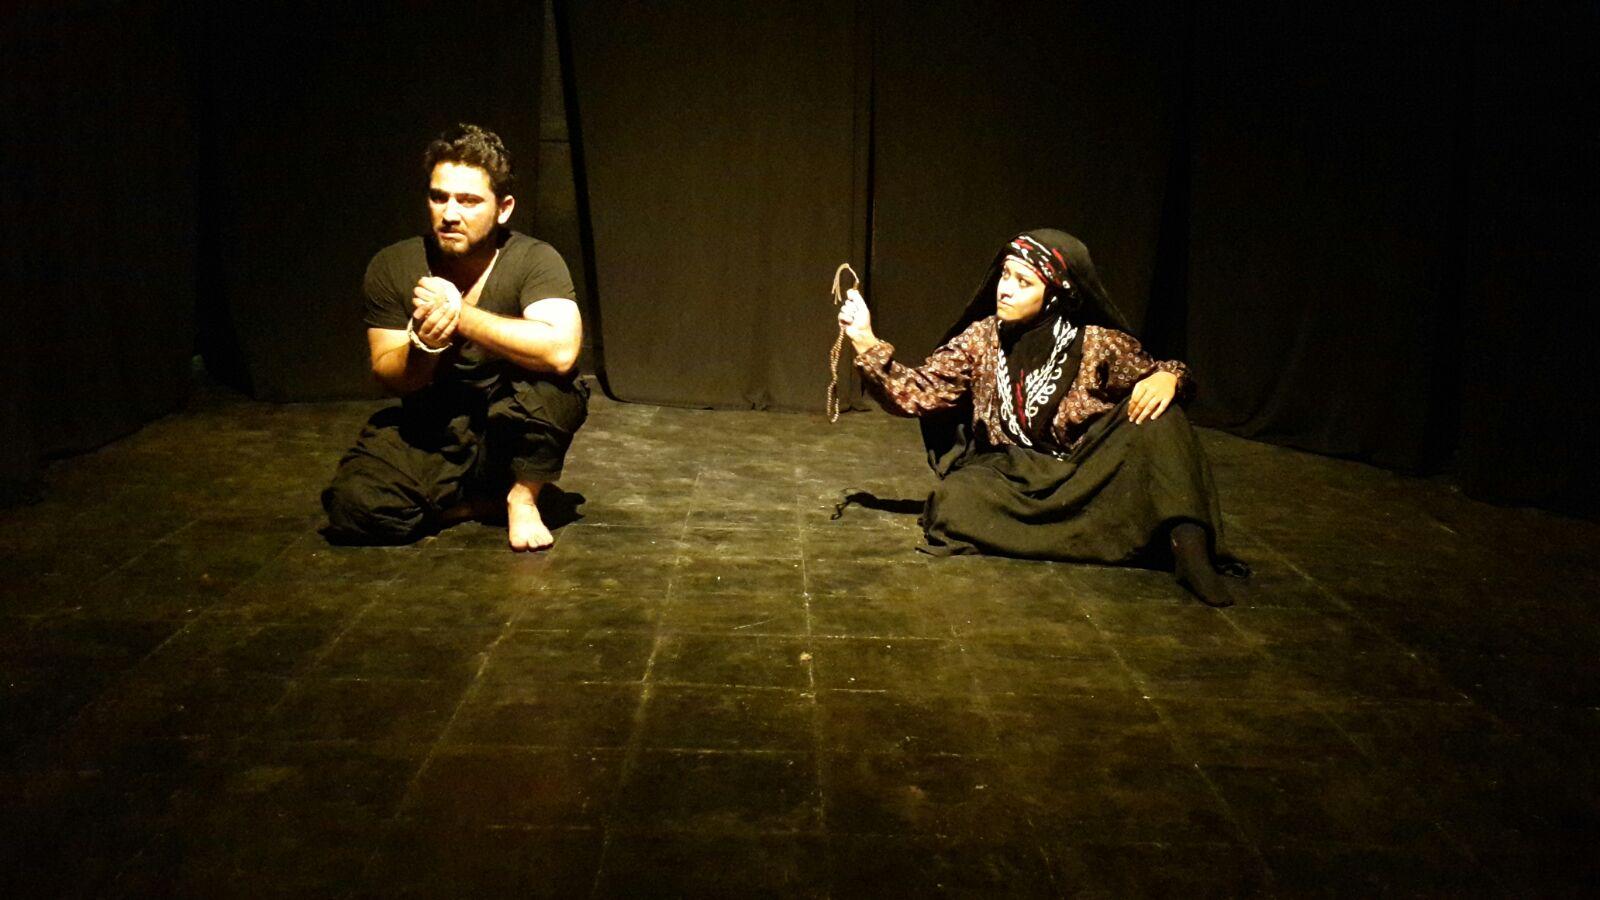 گروه تئاتر اریترین اندیمشک در جشنواره سراسری تئاتر رضوی